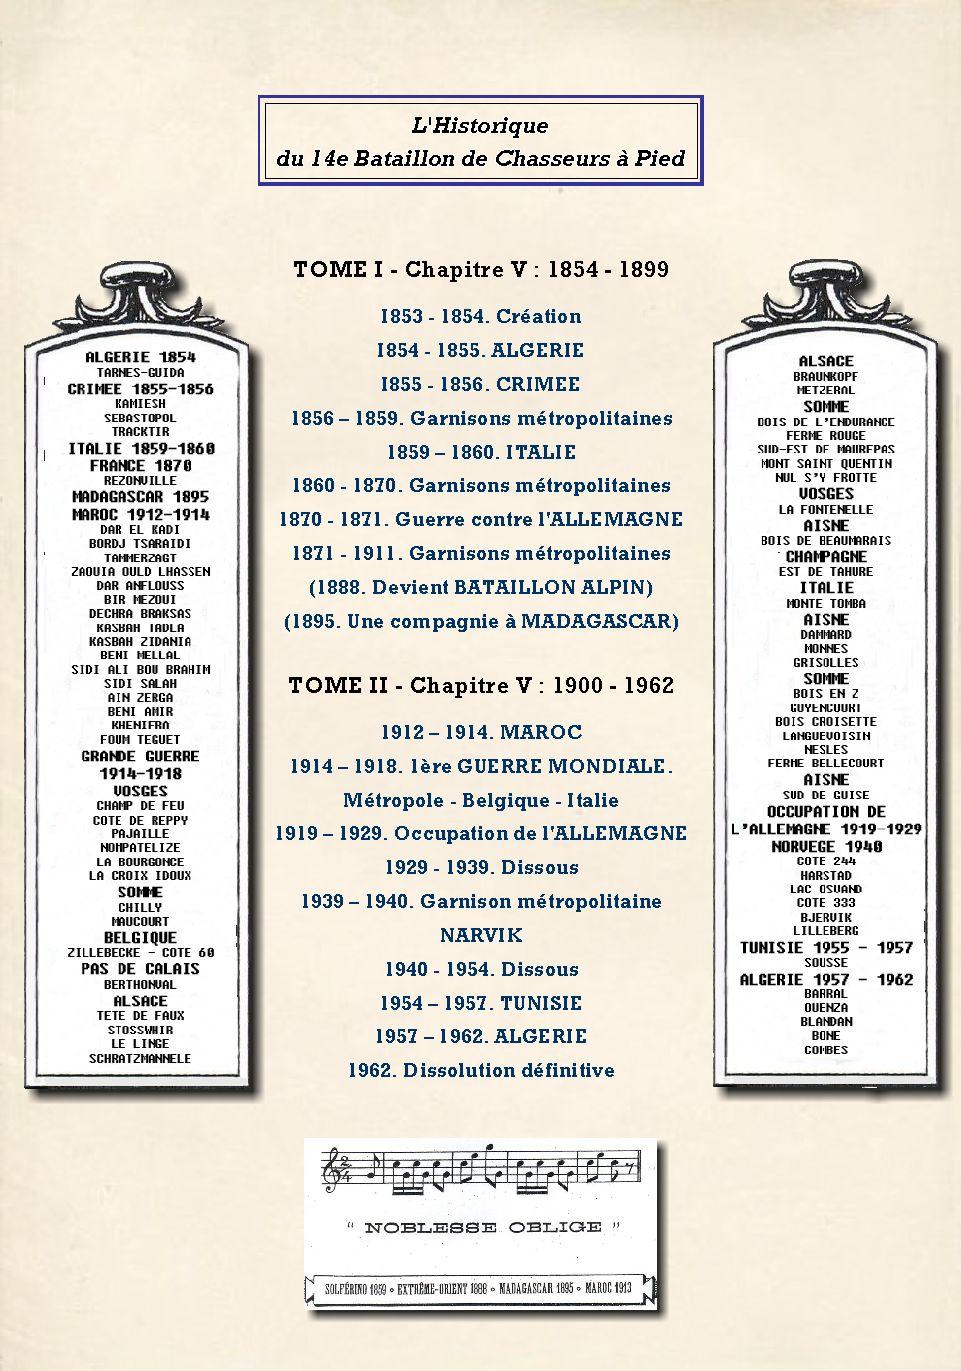 L'Historique du 14e Bataillon de Chasseurs. 1854 - 1962 4_przo10